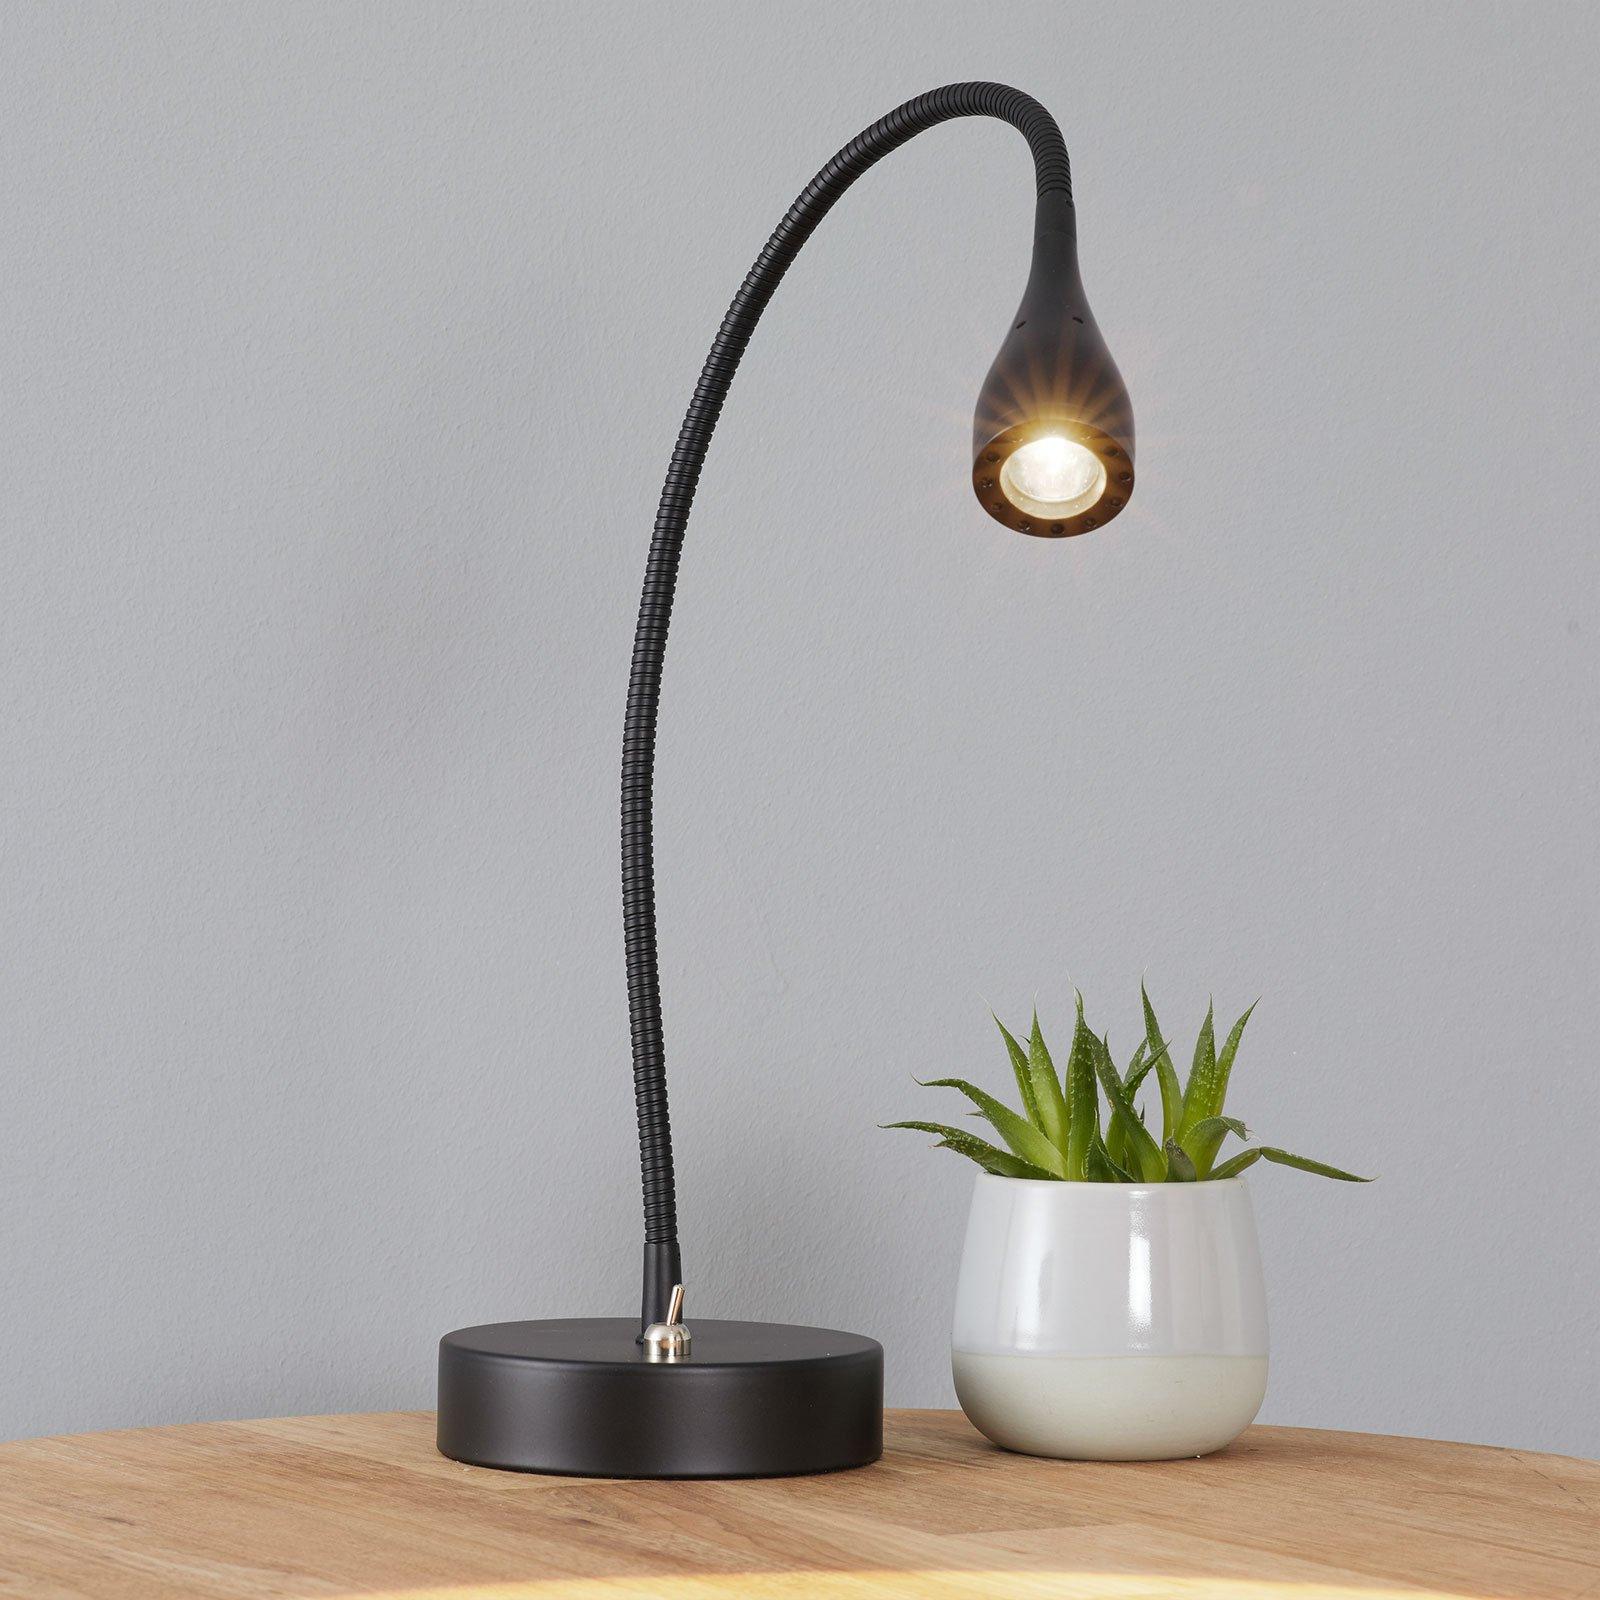 Mento - fleksibel LED-bordlampe i svart